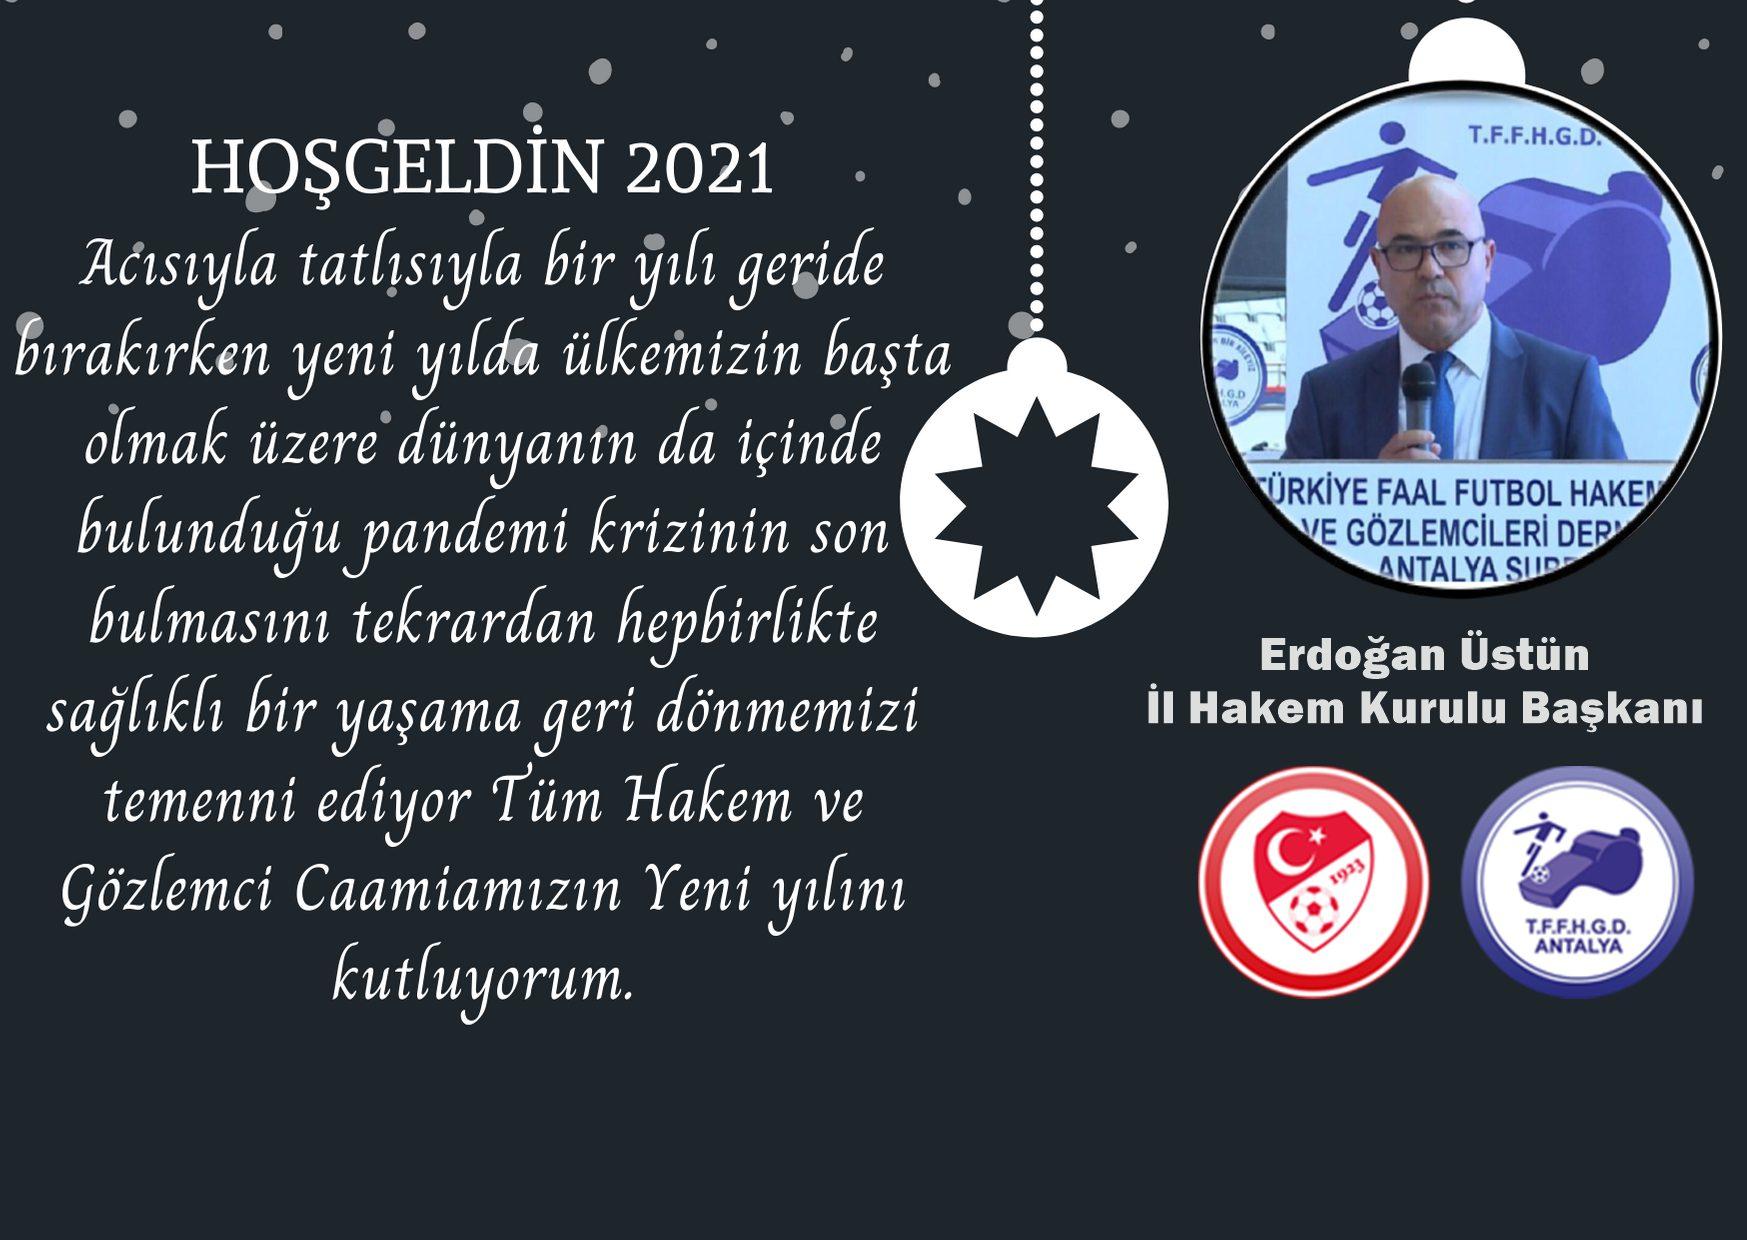 İl Hakem Kurulu Başkanımız Syn.Erdoğan Üstün'den Camiamıza Yeni Yıl Mesajı